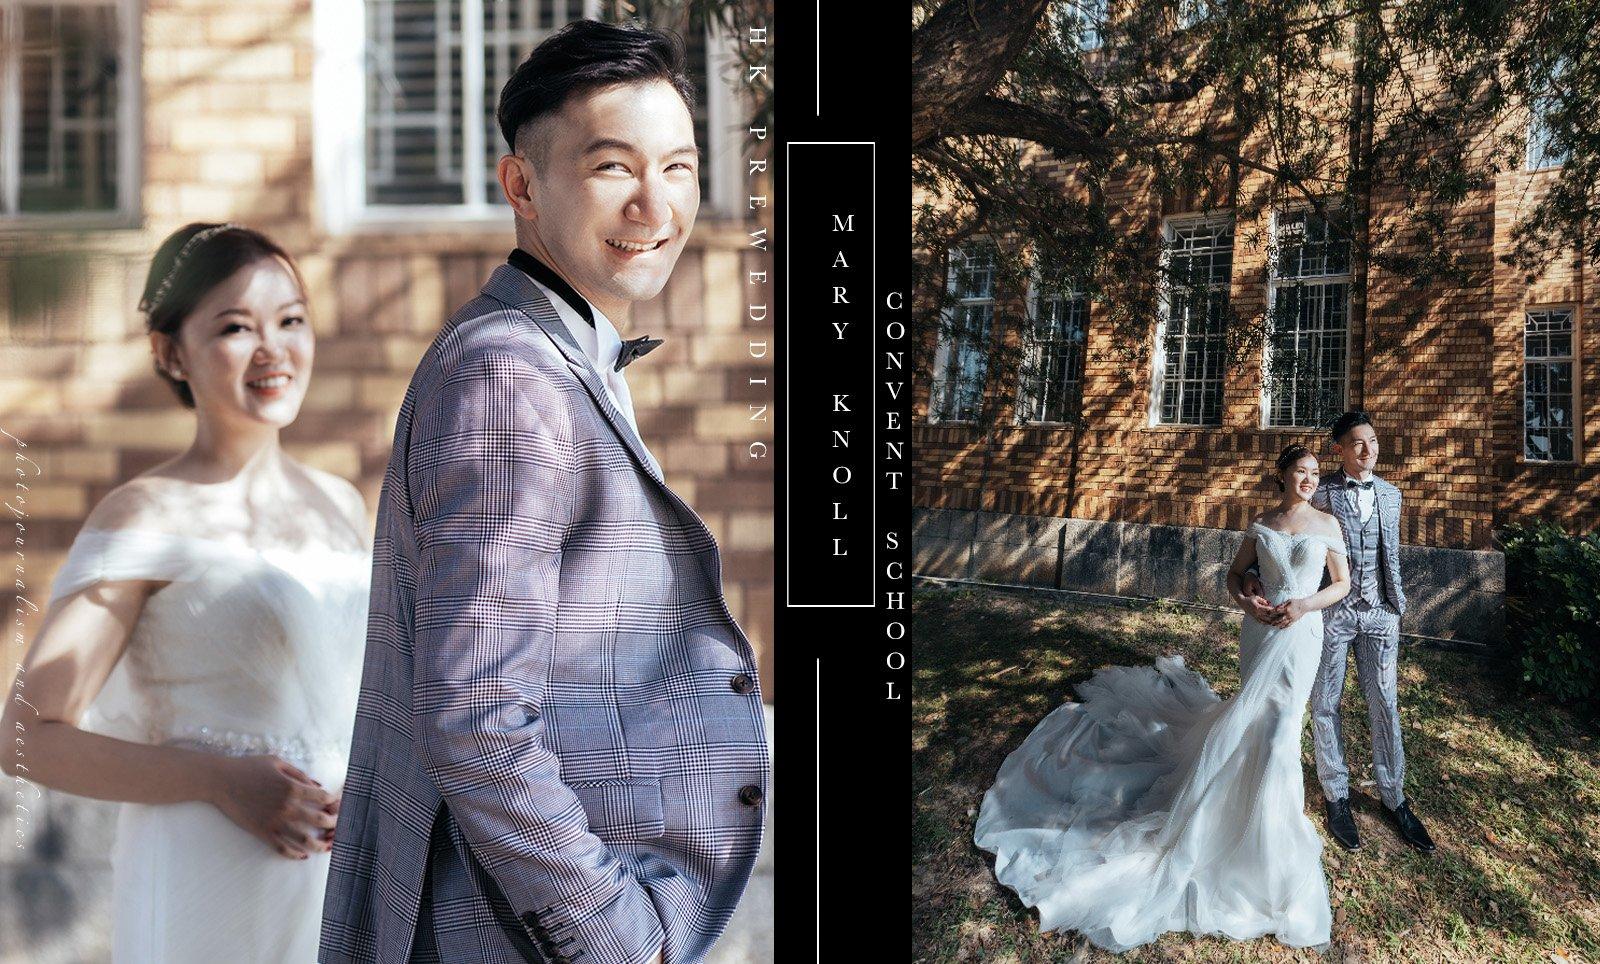 [童言童夢 ] | 瑪利諾婚紗攝影 | Maryknoll Pre Wedding